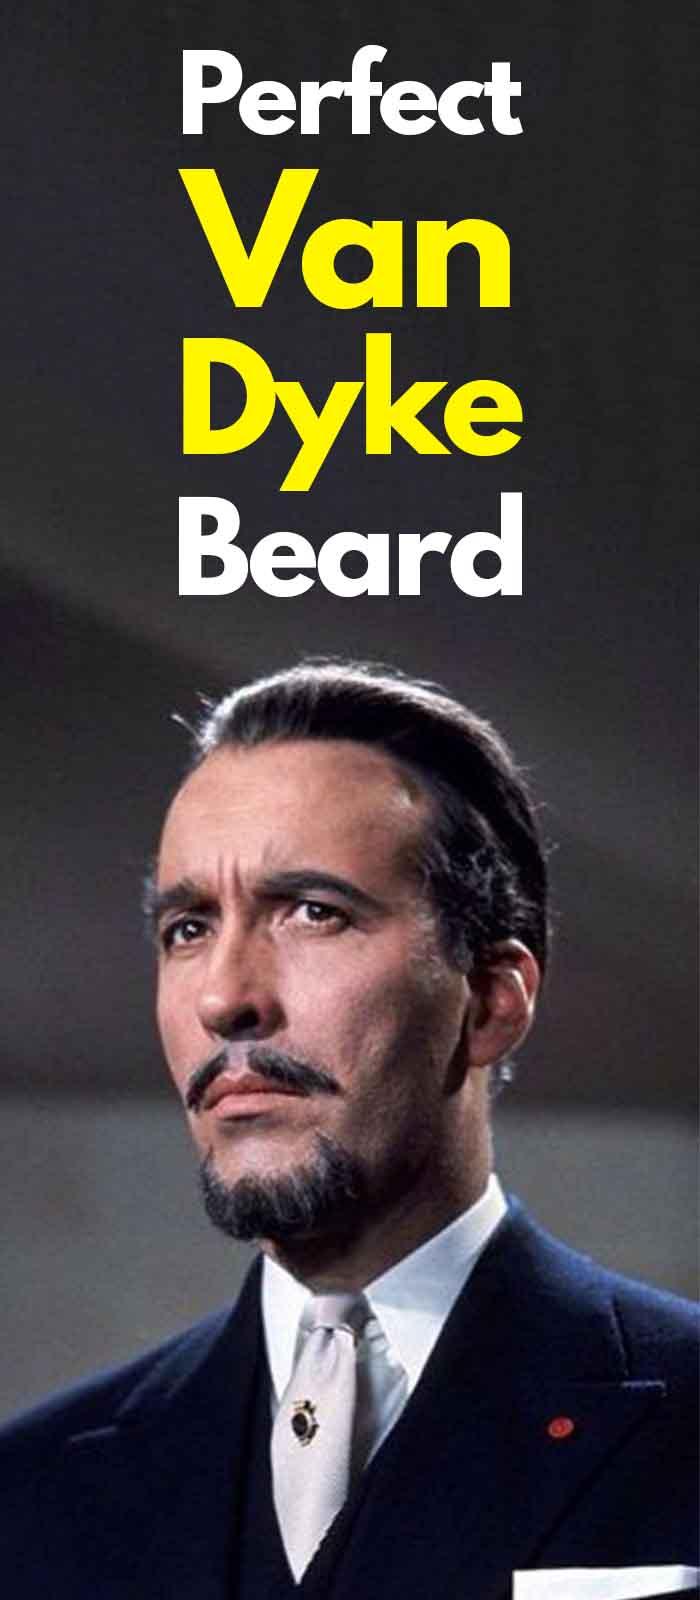 Van dyke Beard for men!